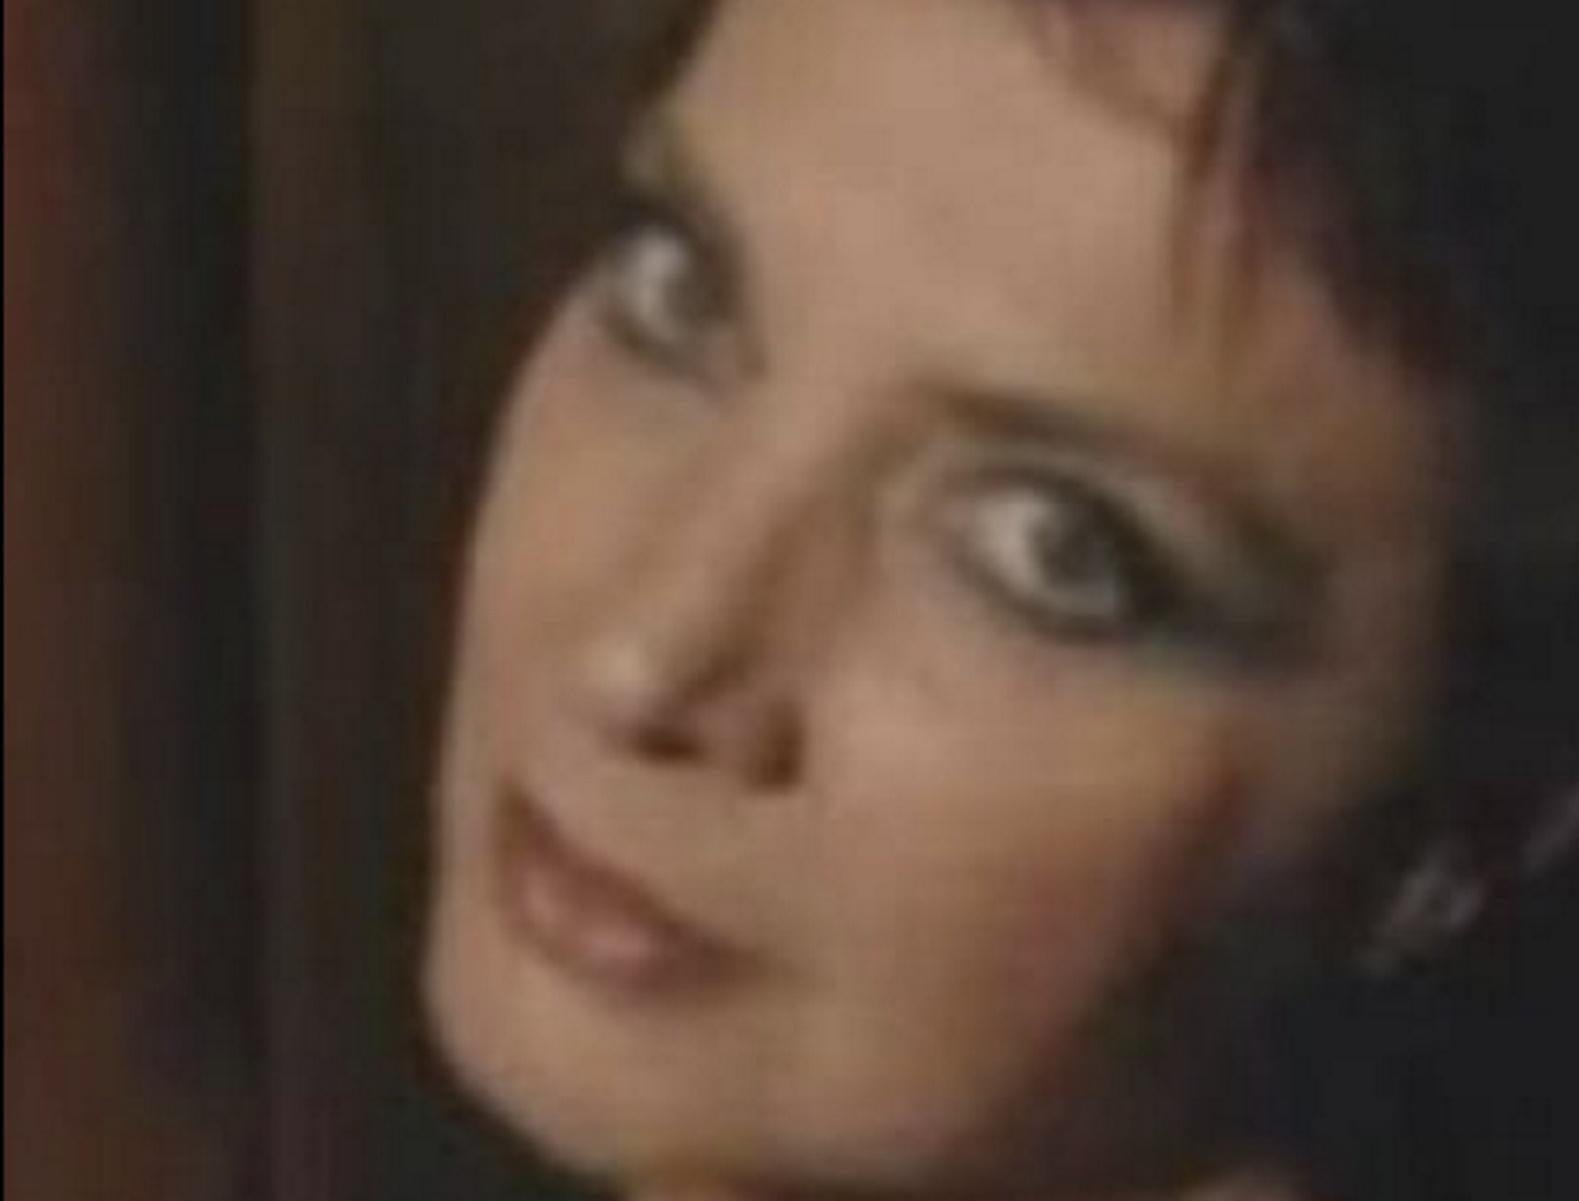 Θλίψη στον καλλιτεχνικό κόσμο – Πέθανε η ηθοποιός Πένυ Σταυροπούλου